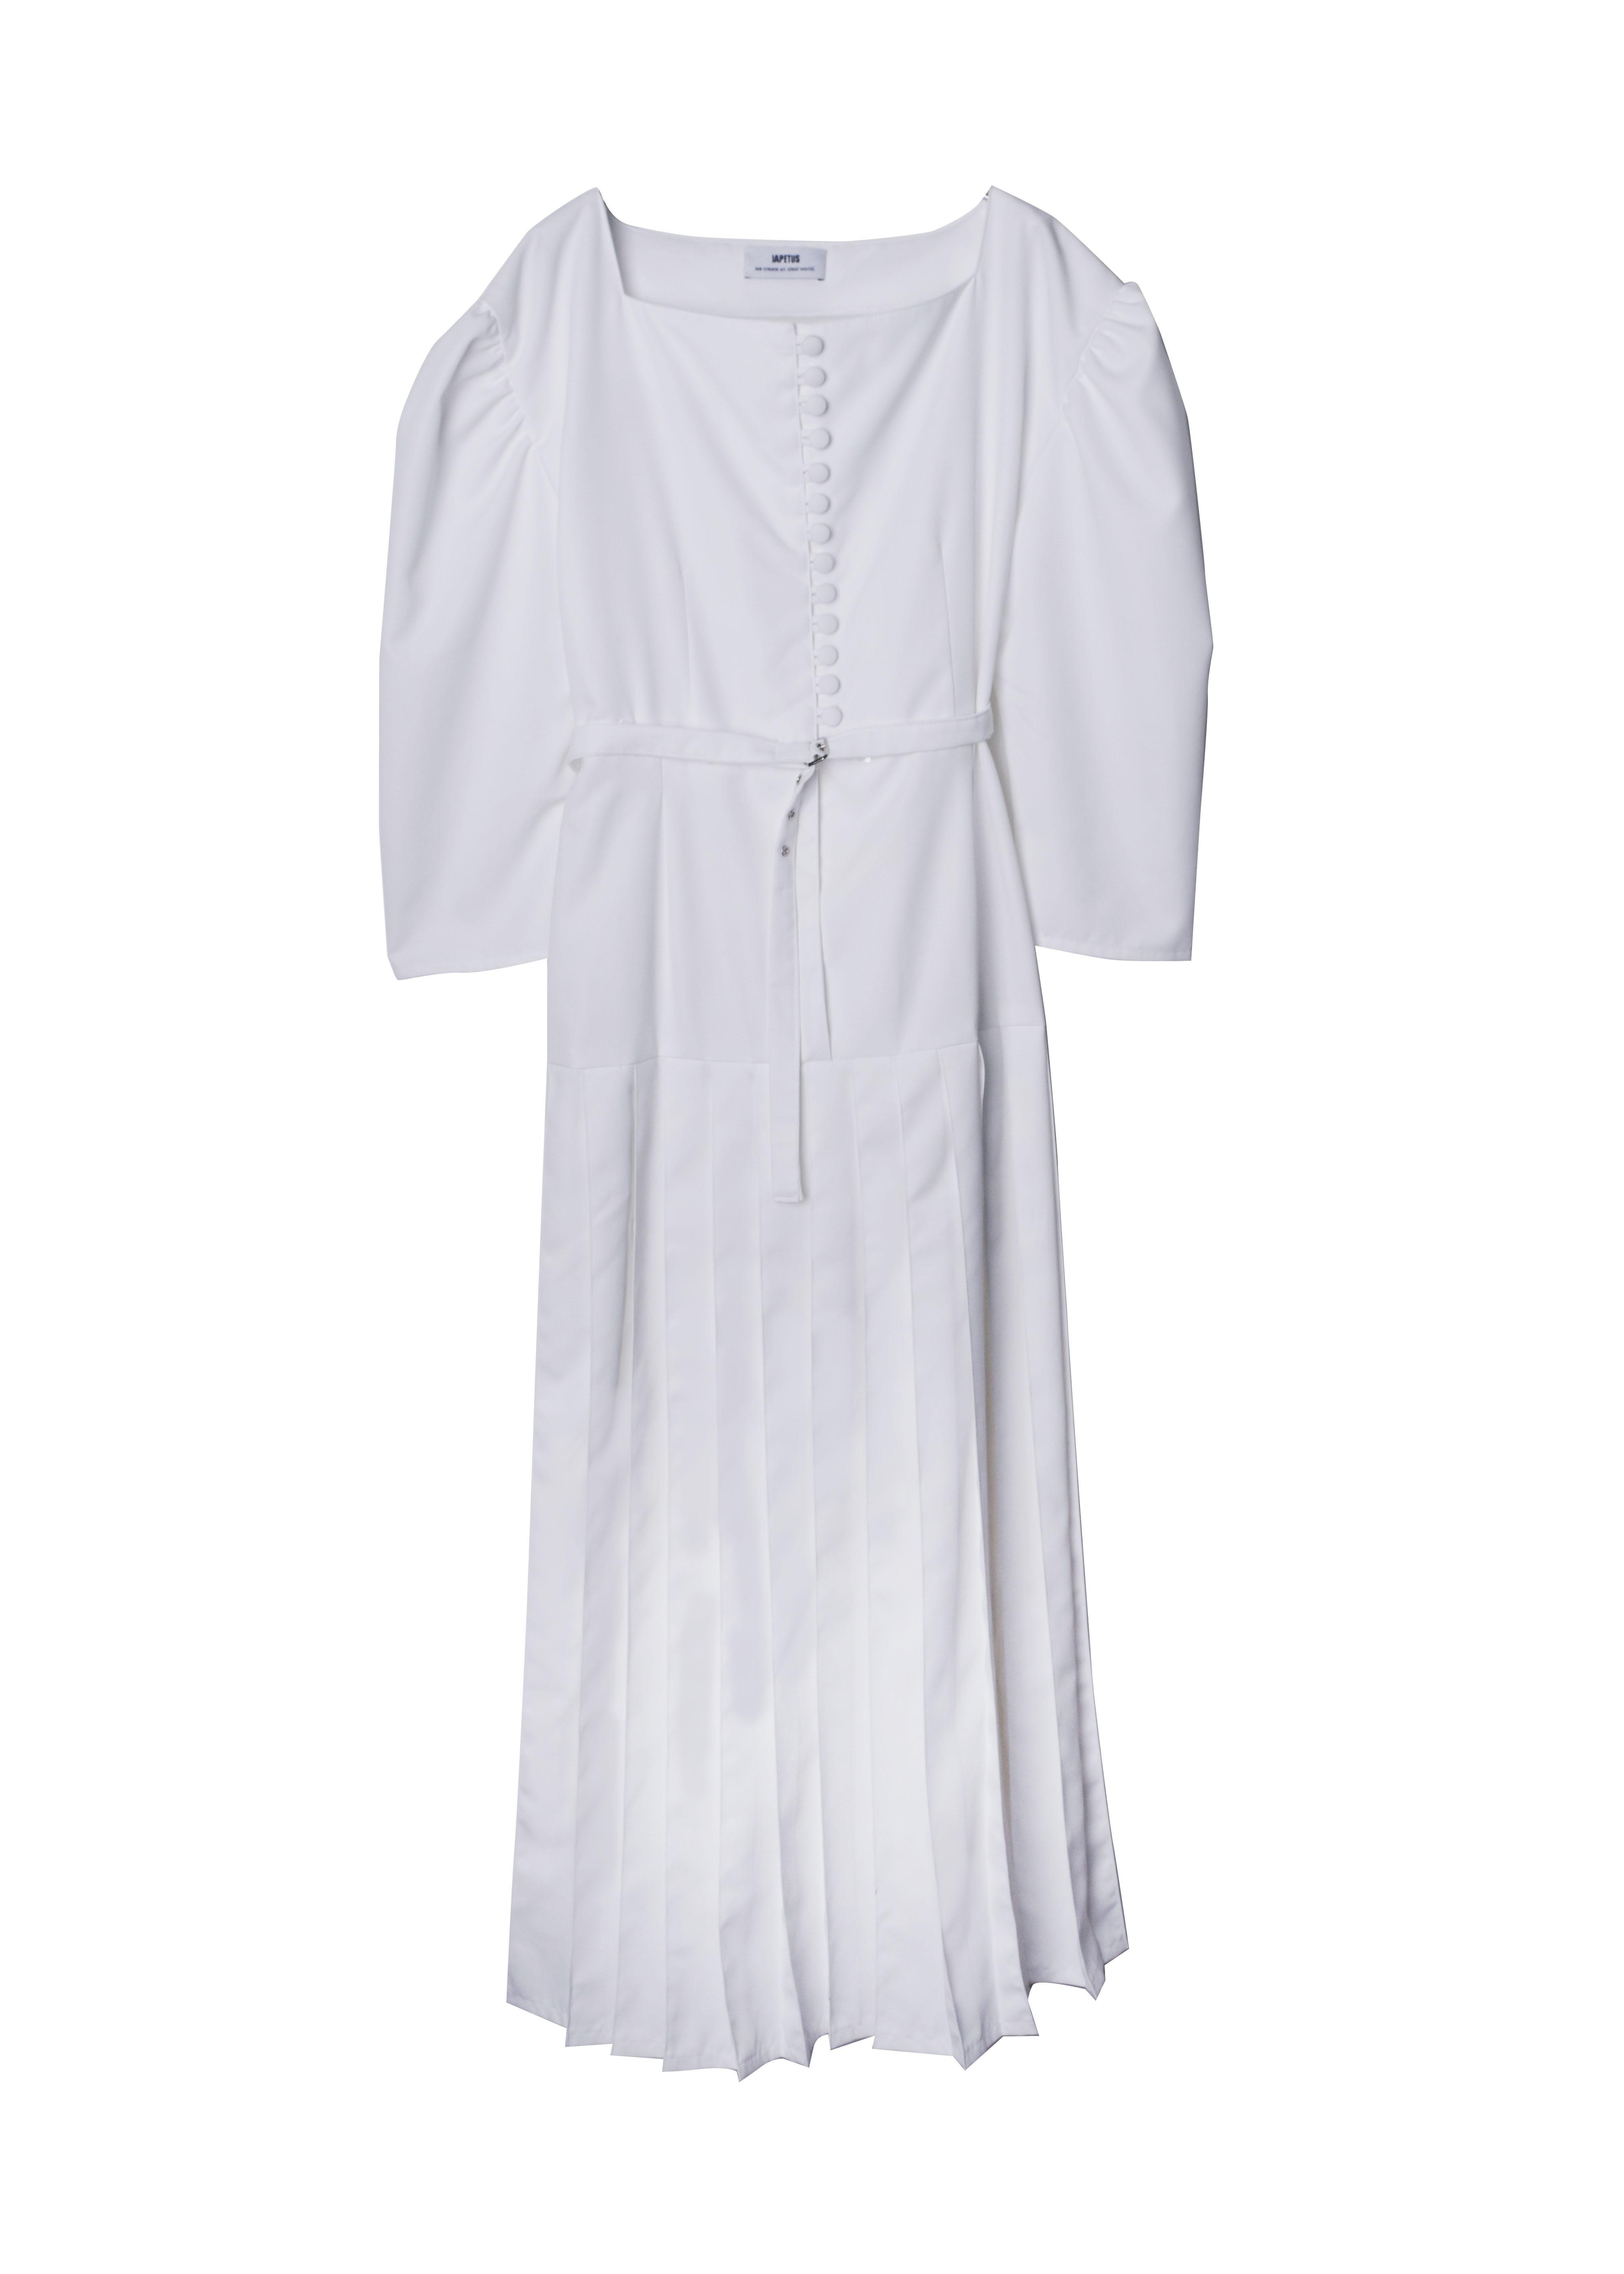 IAPETUS PLEATS DRESS / White